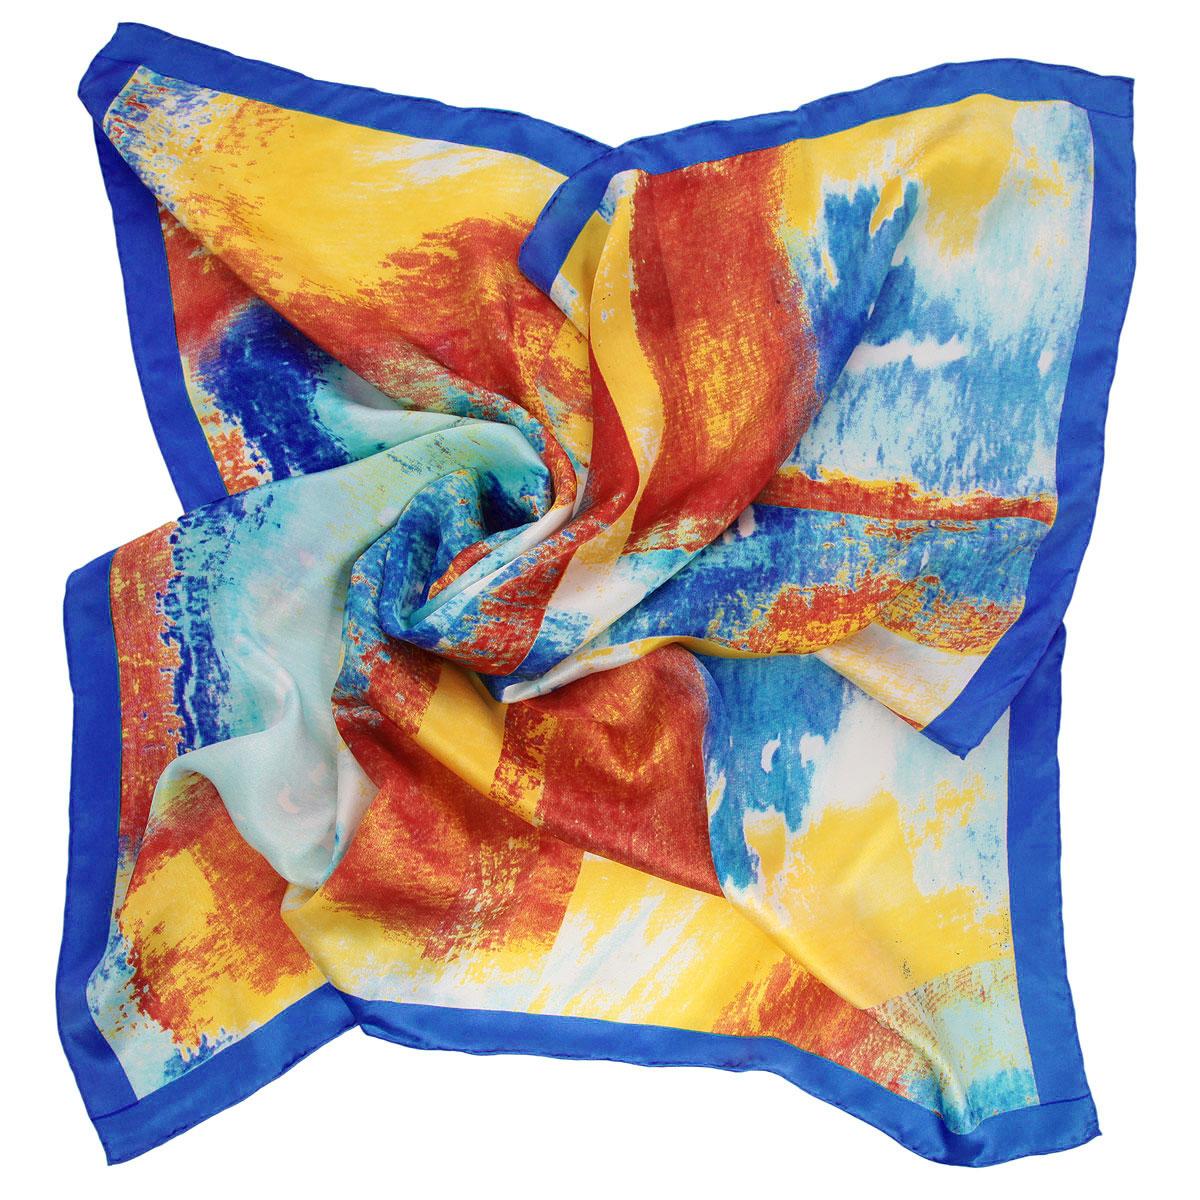 Платок женский Venera, цвет: синий, оранжевый, желтый. 1801829-5. Размер 90 см х 90 см платок 90 90 см foulard de luxe цвет мультиколор